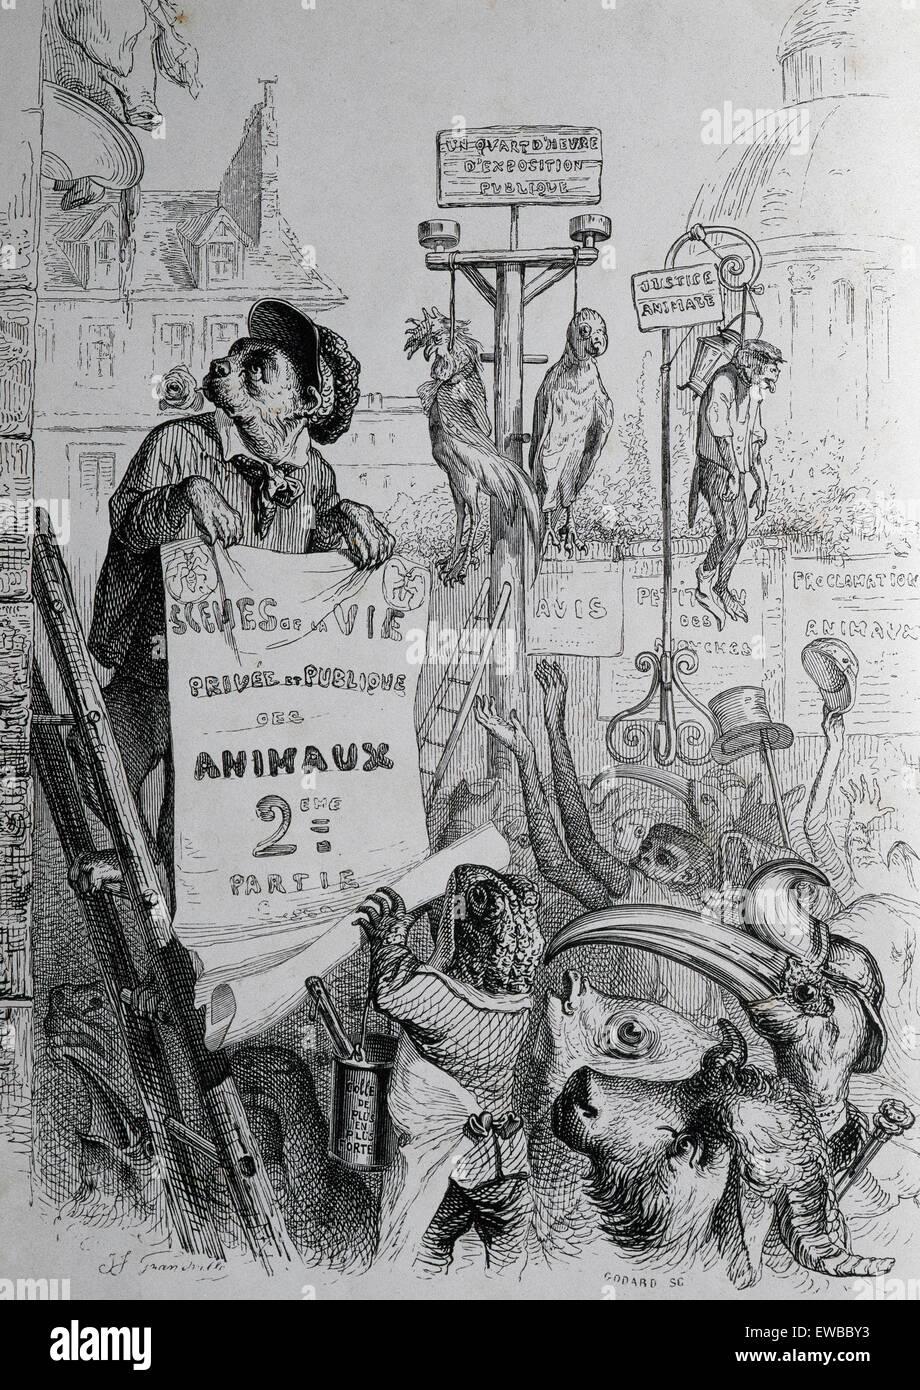 J.J. Grandville (pseudonimo di Jean Ignace Isidore Gerard) (1803-1847). Caricaturista francese. La vita privata Immagini Stock